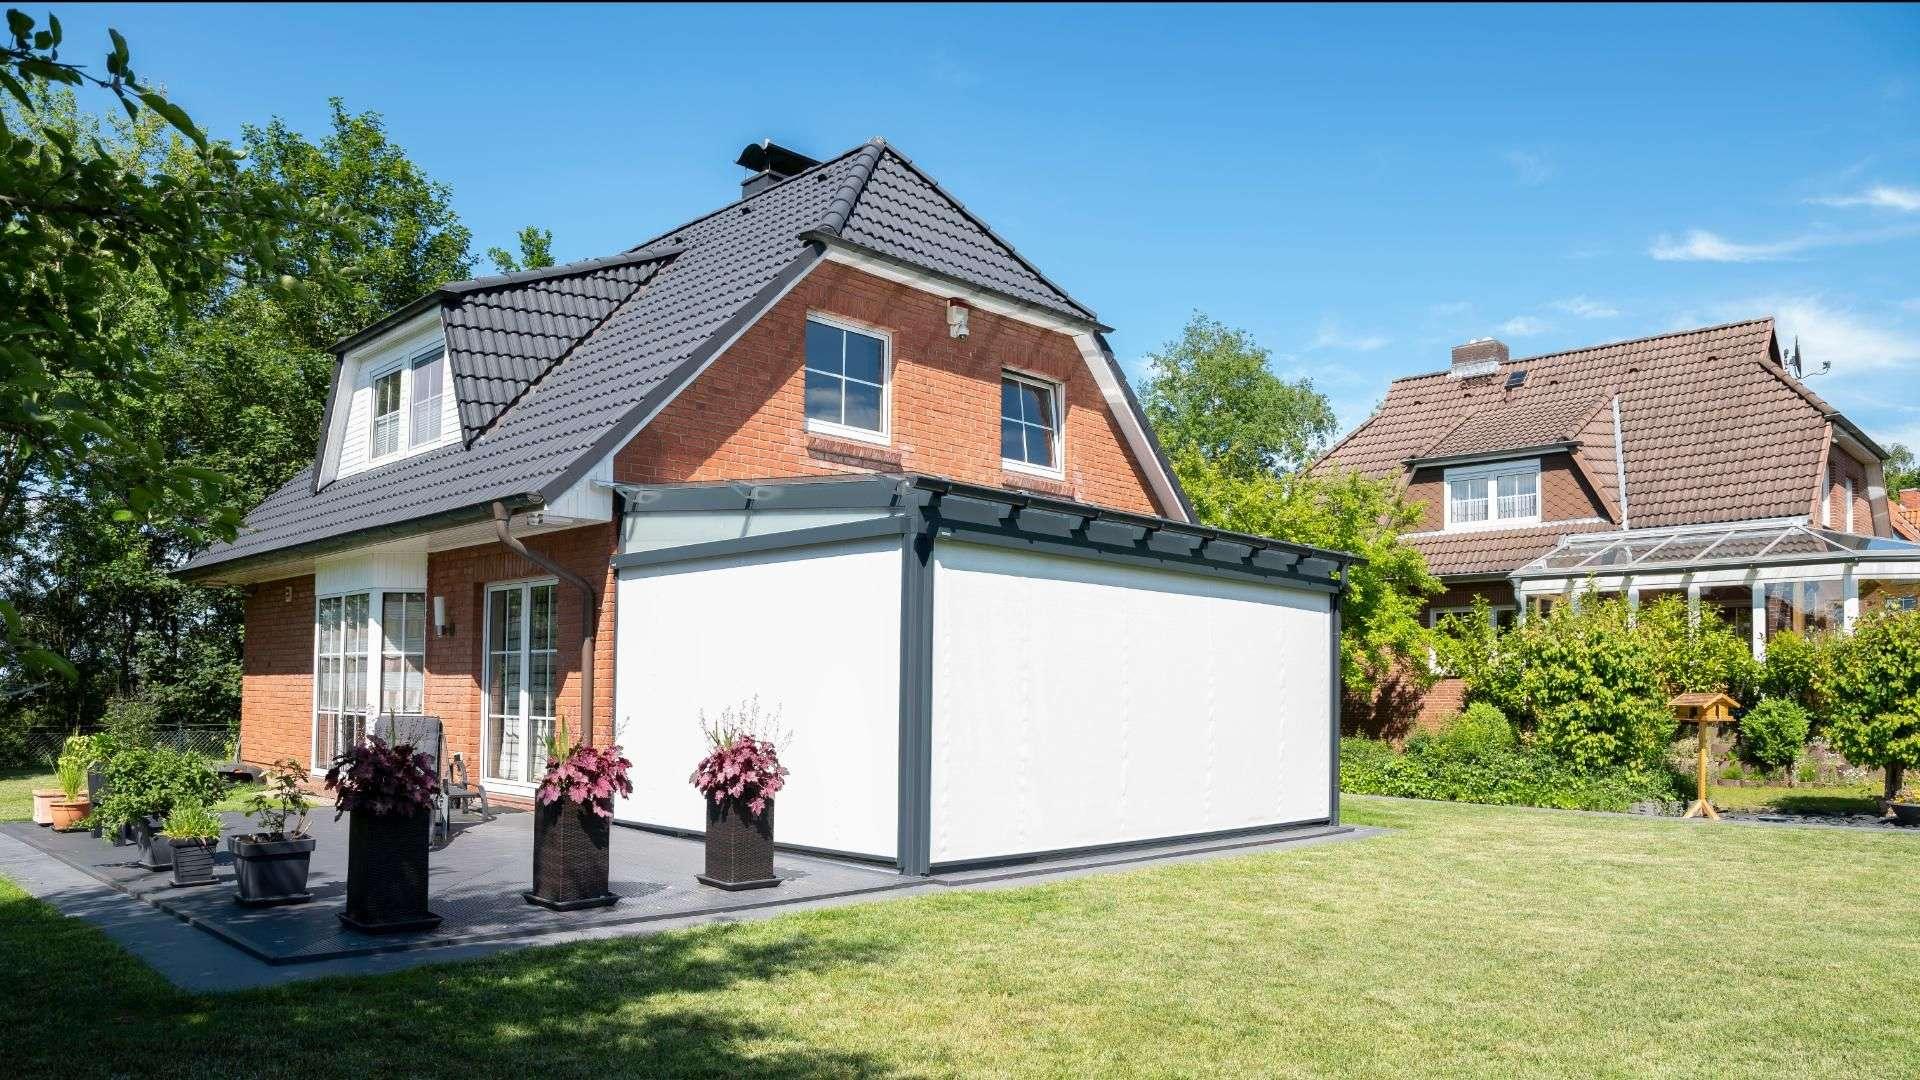 Glashaus mit Vertikalmarkisen an einem Einfamilienhaus